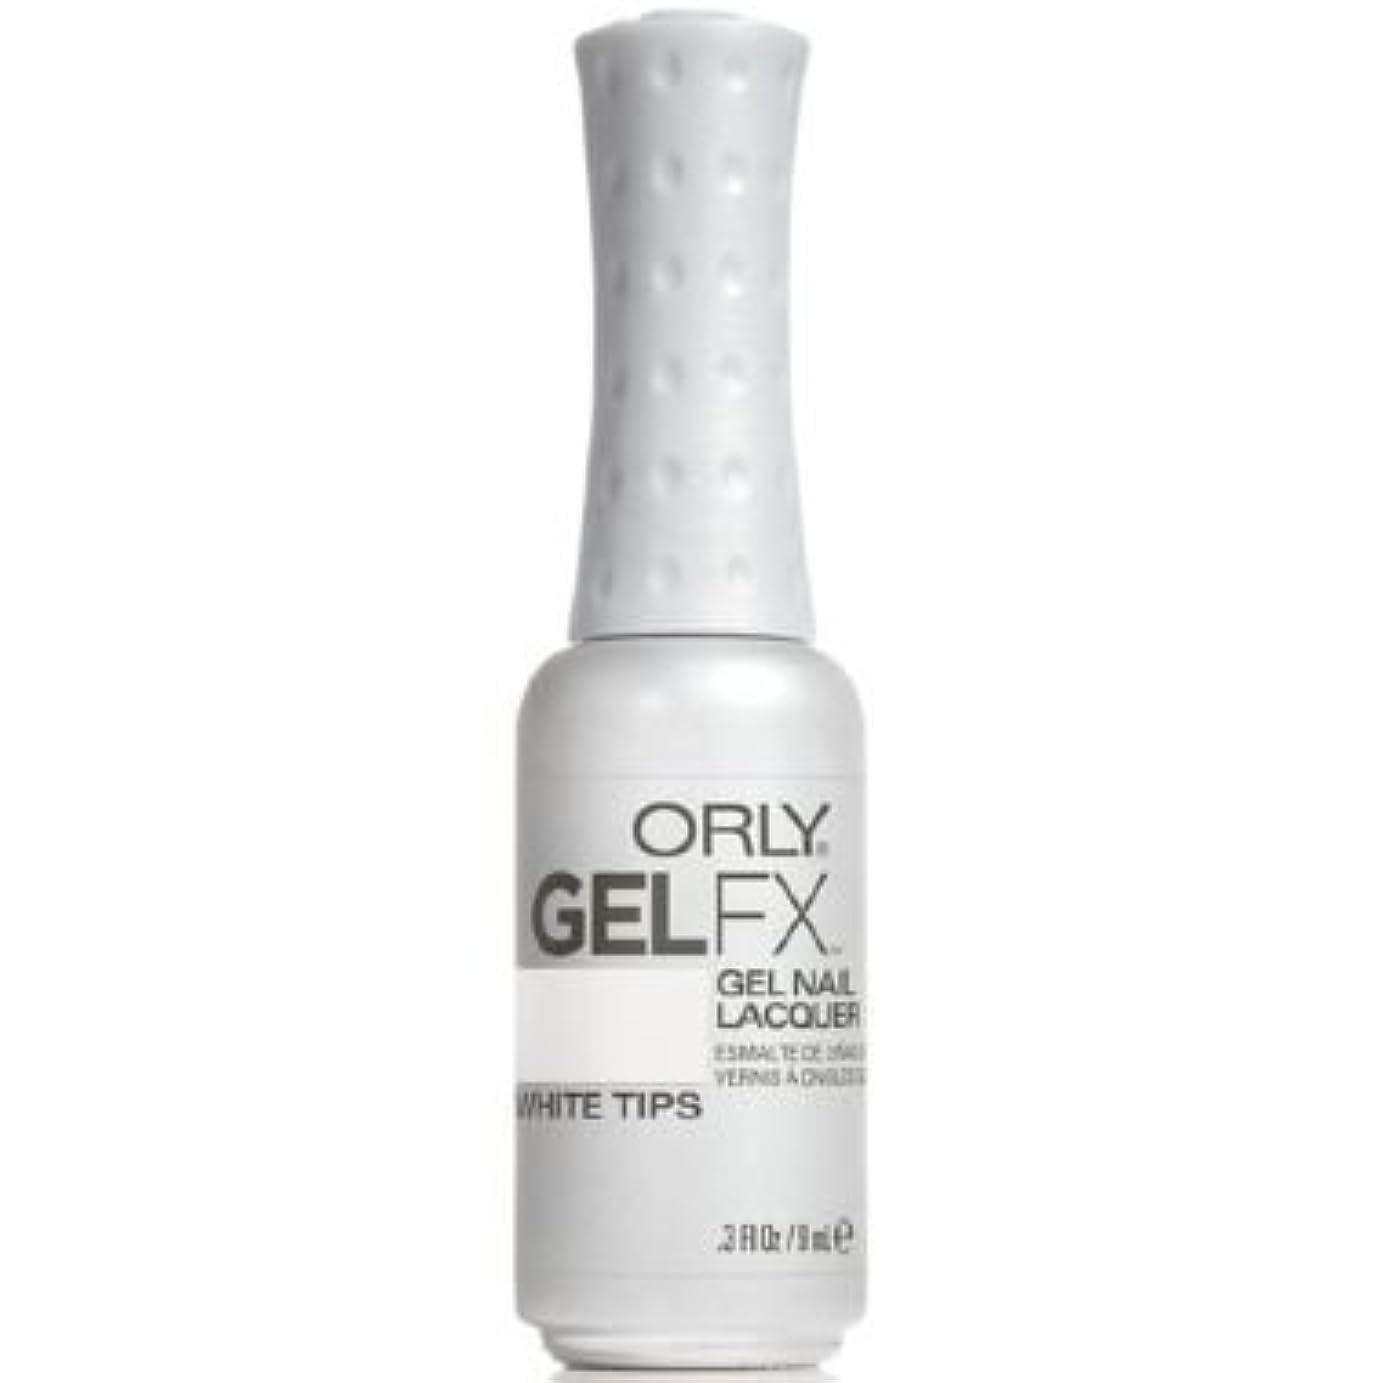 感謝しているエンジニア安定しましたOrly Gel FX Gel UV Vernis à Ongles/ Gel Polish - White Tips 9ml